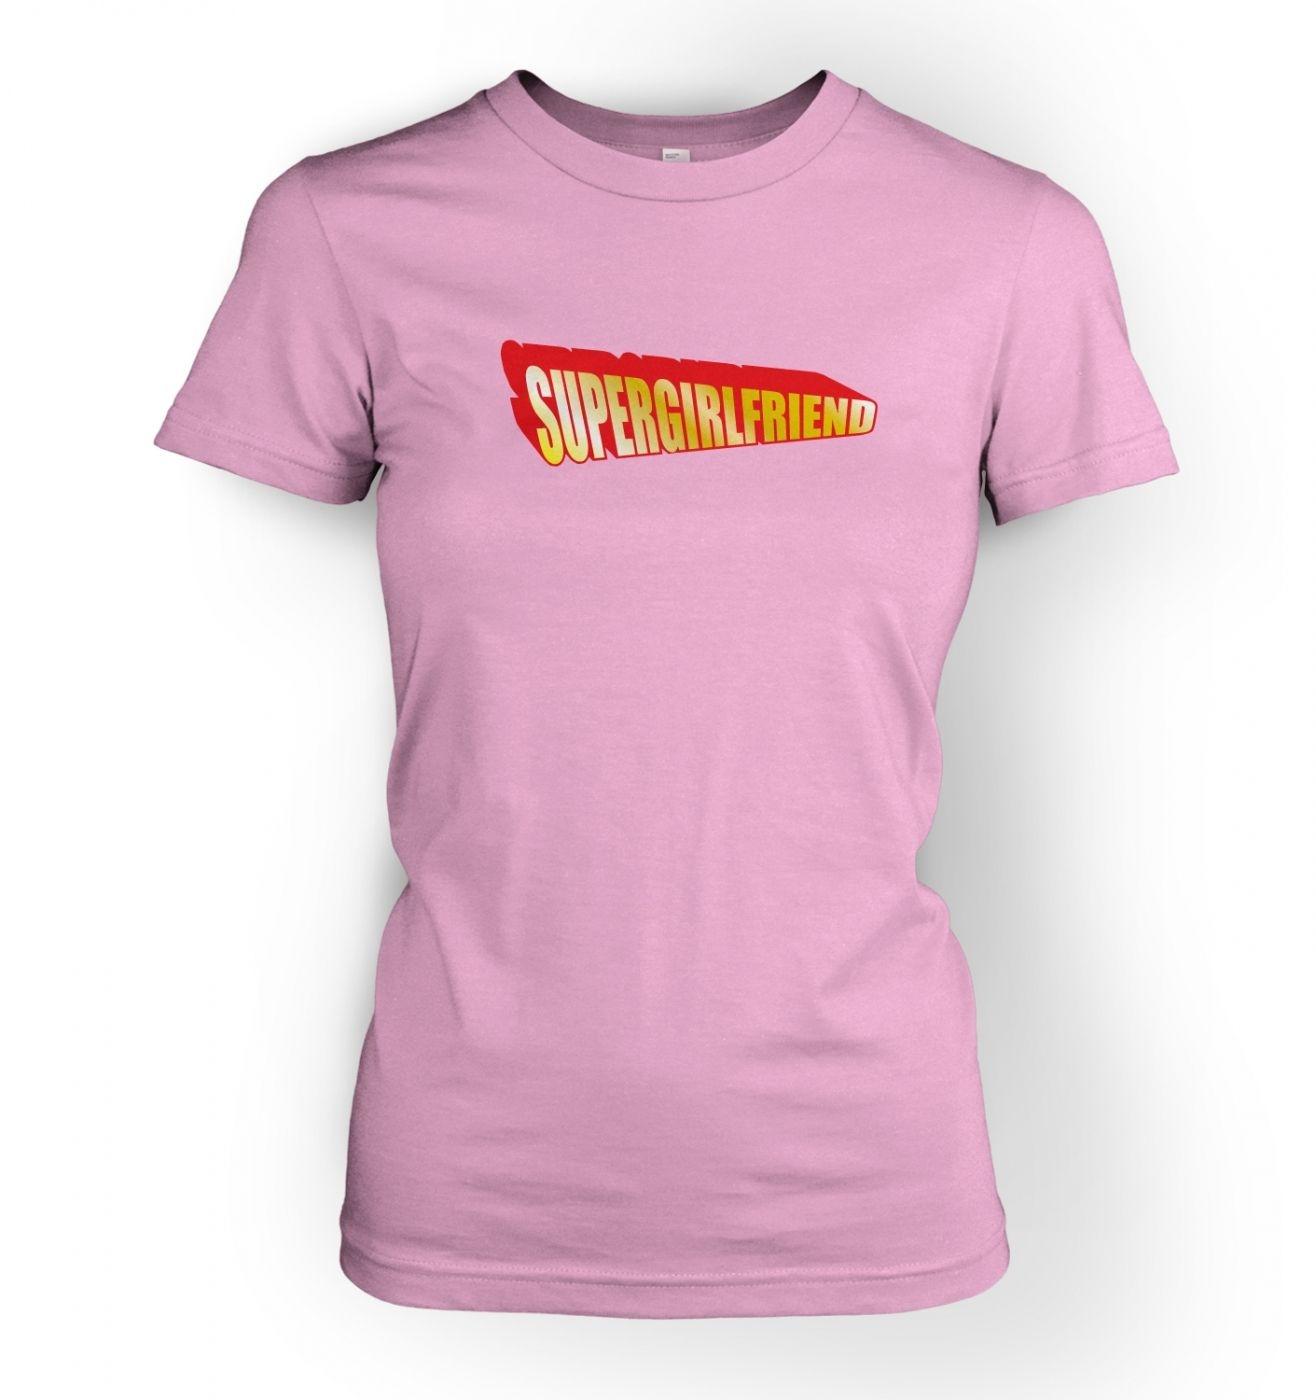 Women's Supergirlfriend t-shirt